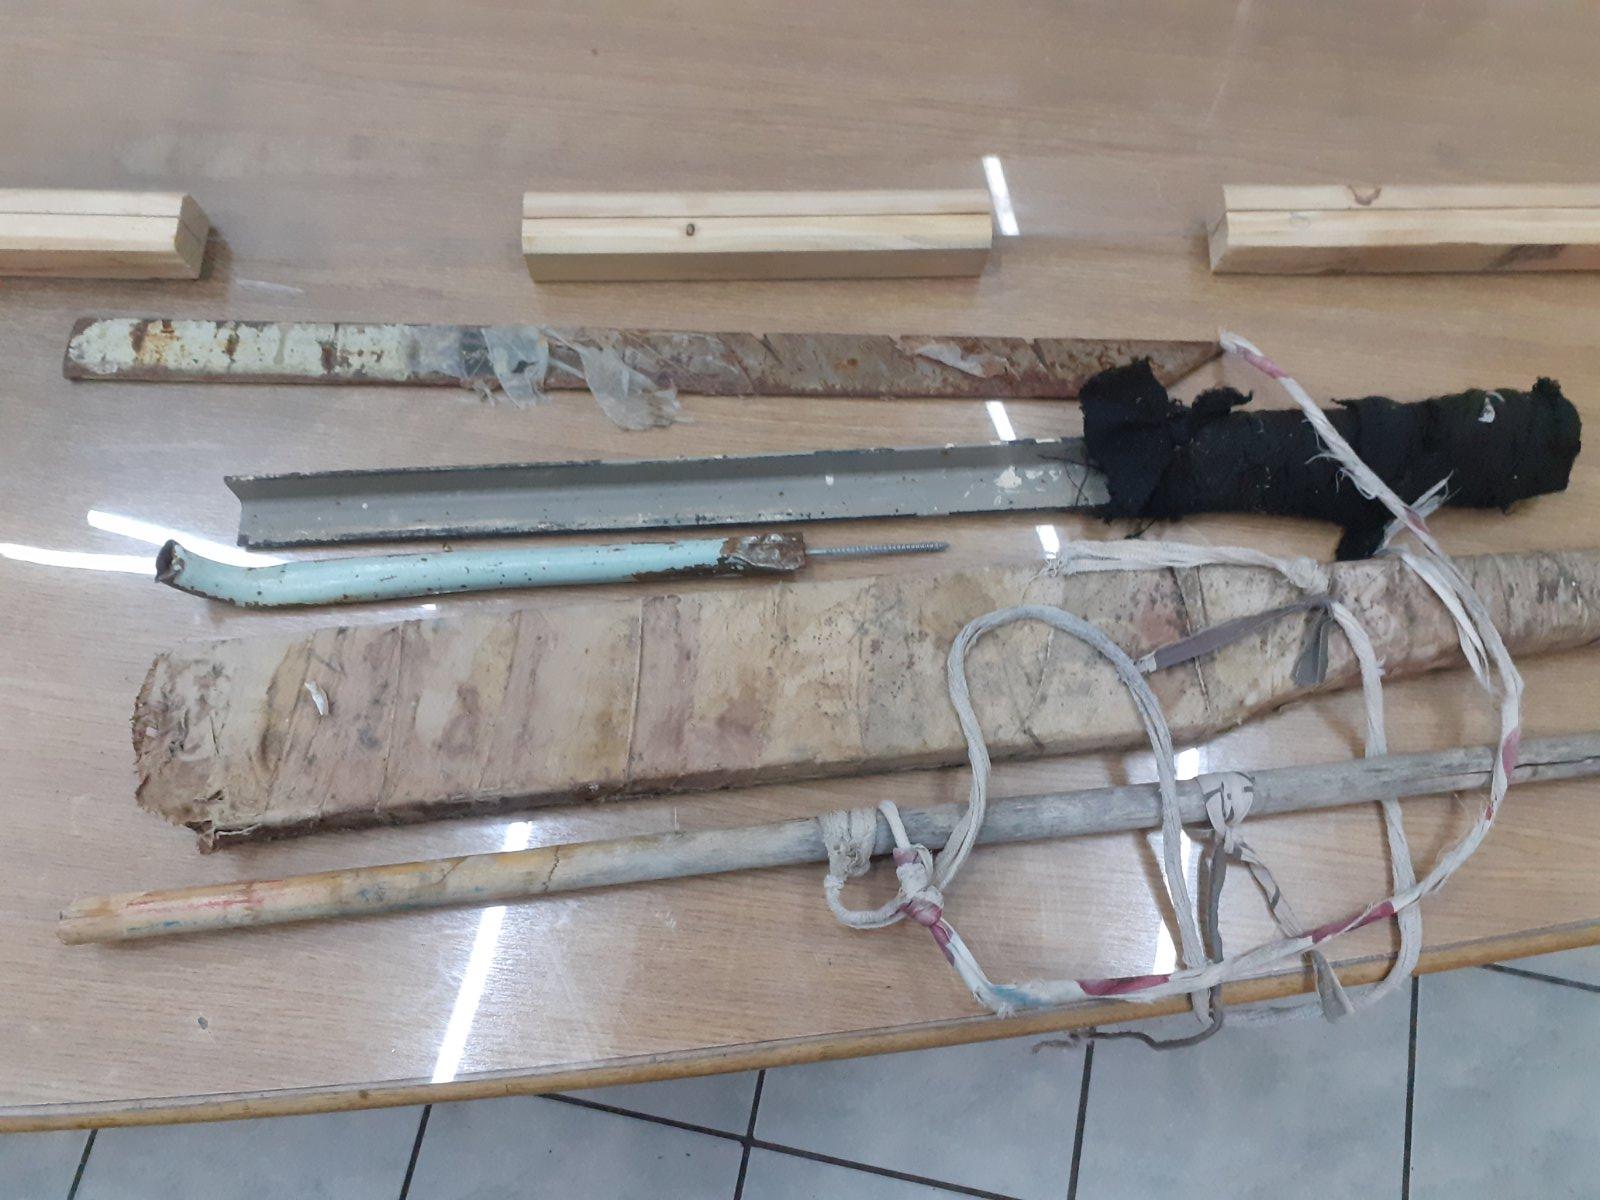 Φυλακές Κορυδαλλού: Σπαθιά και… πάνω από 100 λίτρα τσίπουρο βρέθηκαν σε κελιά (pics)